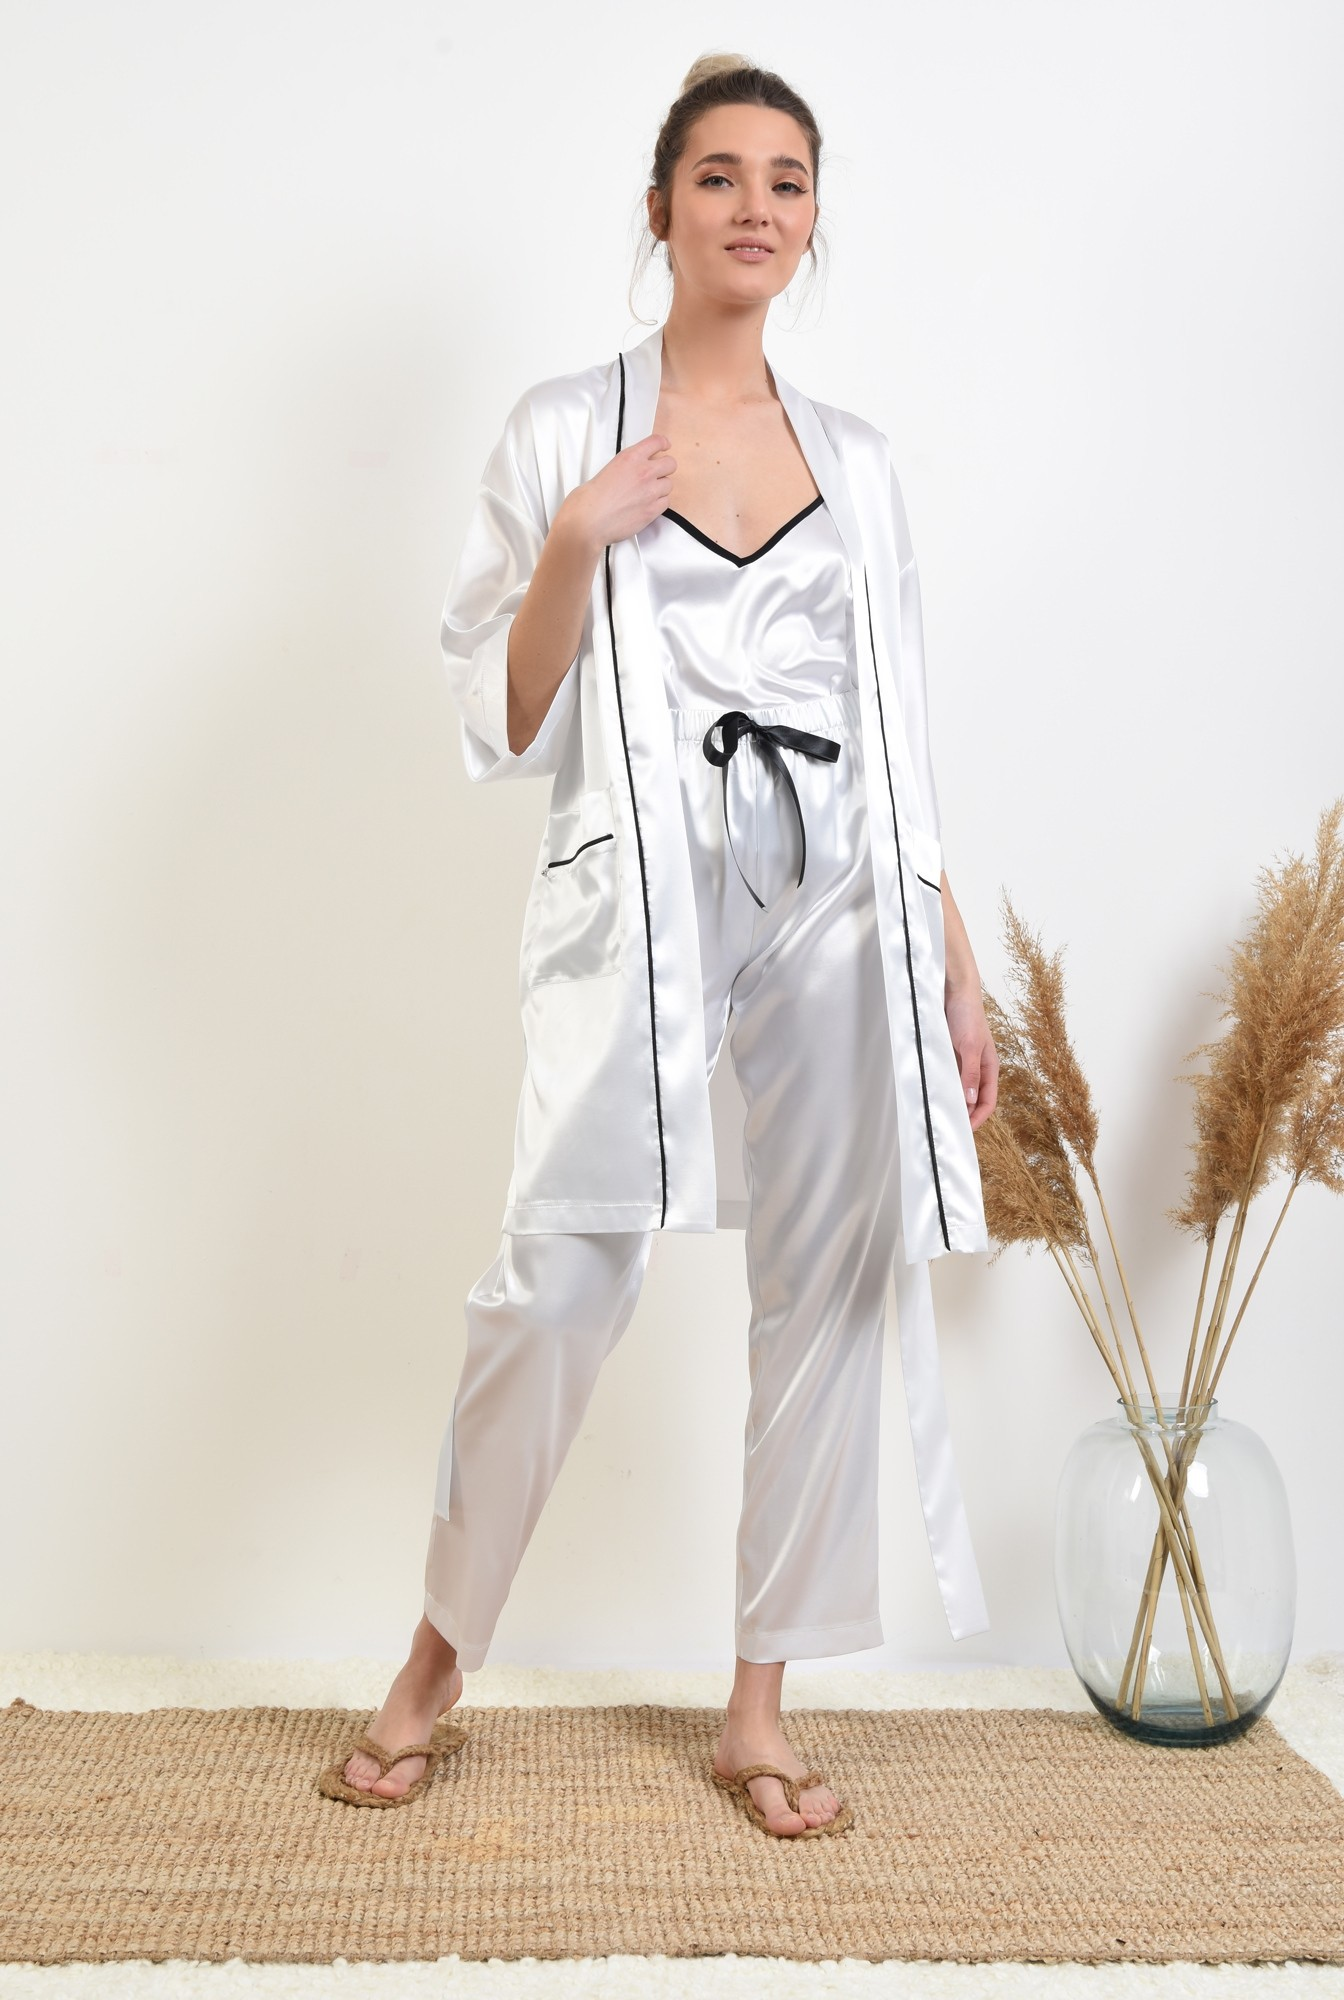 3 -  halat din satin, alb, cu insertii in contrast, cu buzunare, cu cordon